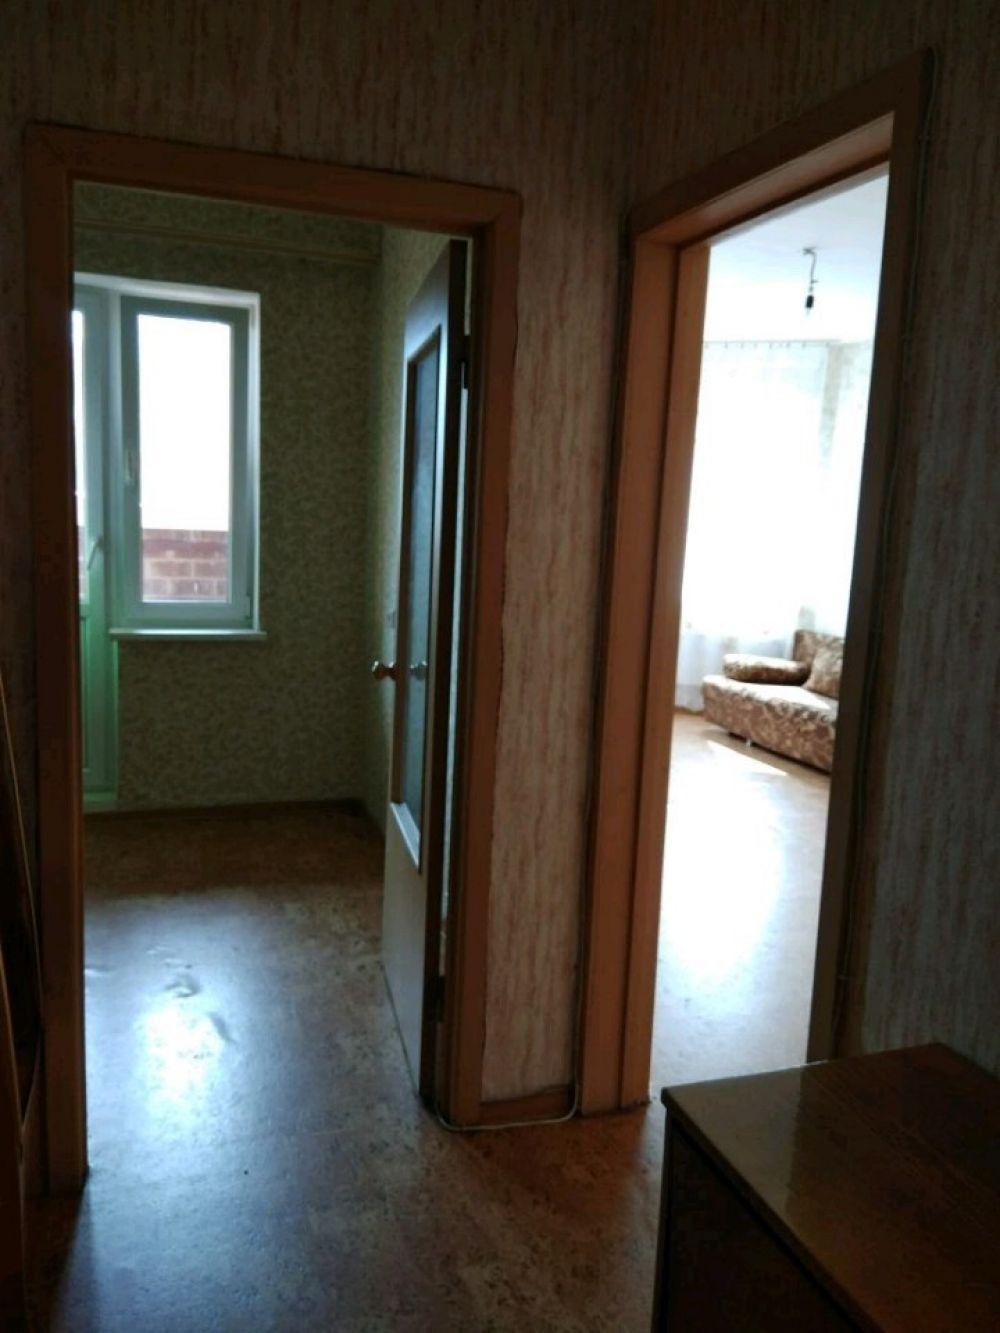 Однокомнатная квартира Московская область г. Королев, ул Мичурина, д. 27 корп. 7, фото 9